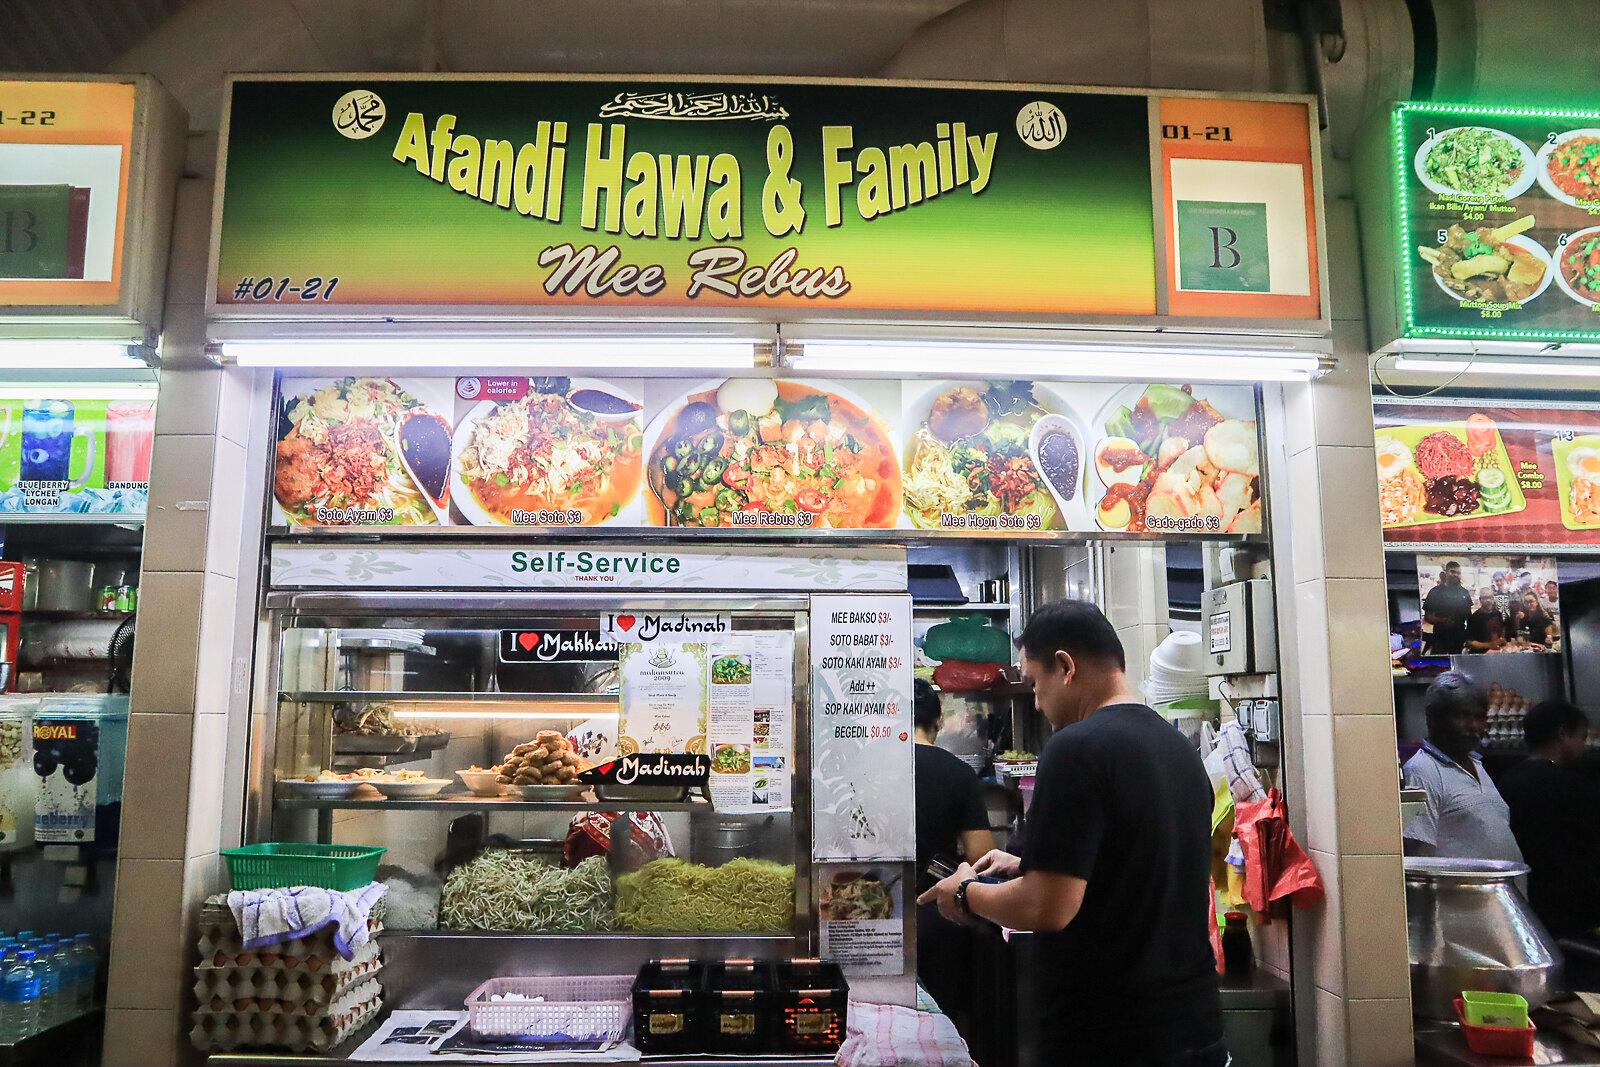 Afandi Hawa storefront